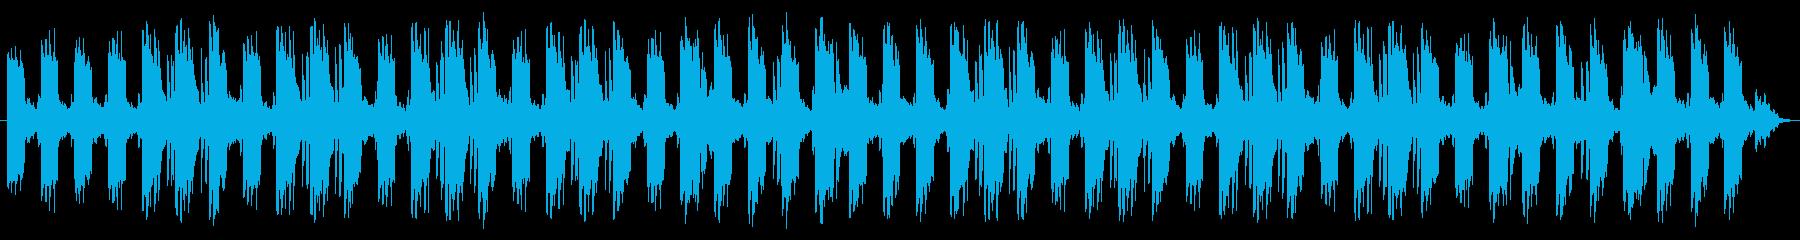 静かなフローズン・ループの再生済みの波形